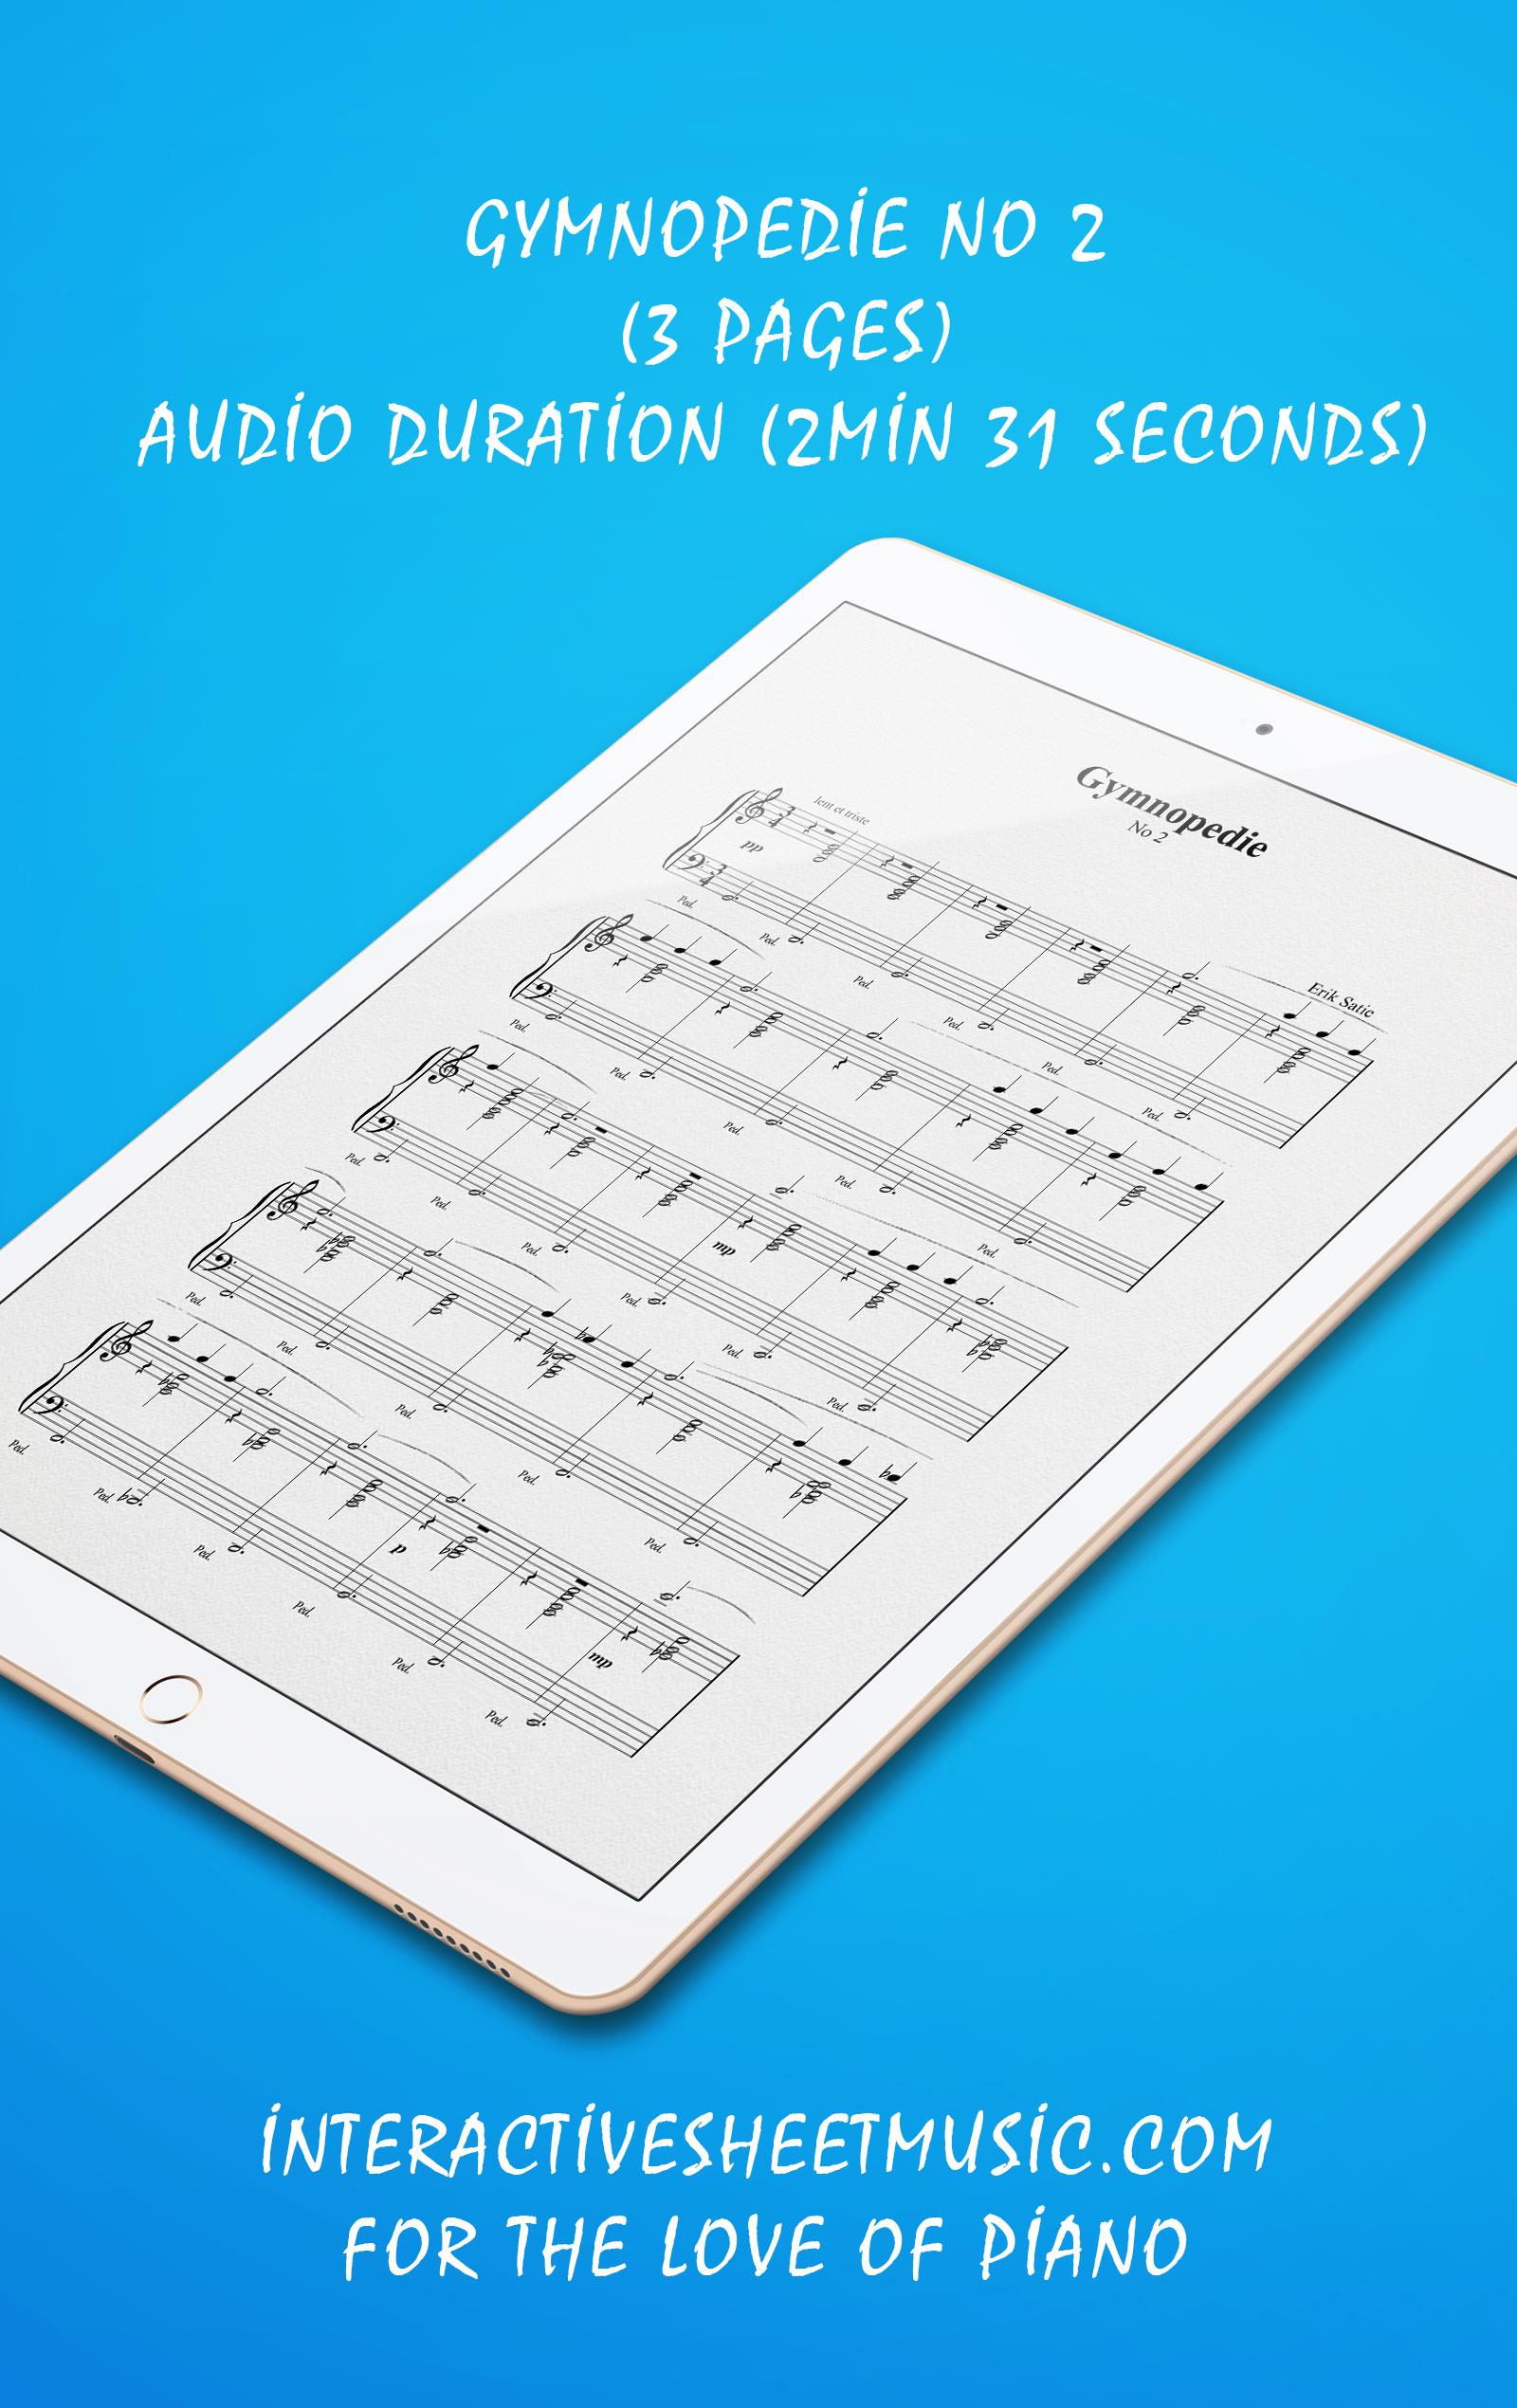 Gymnopedie No 2 Songbook Details